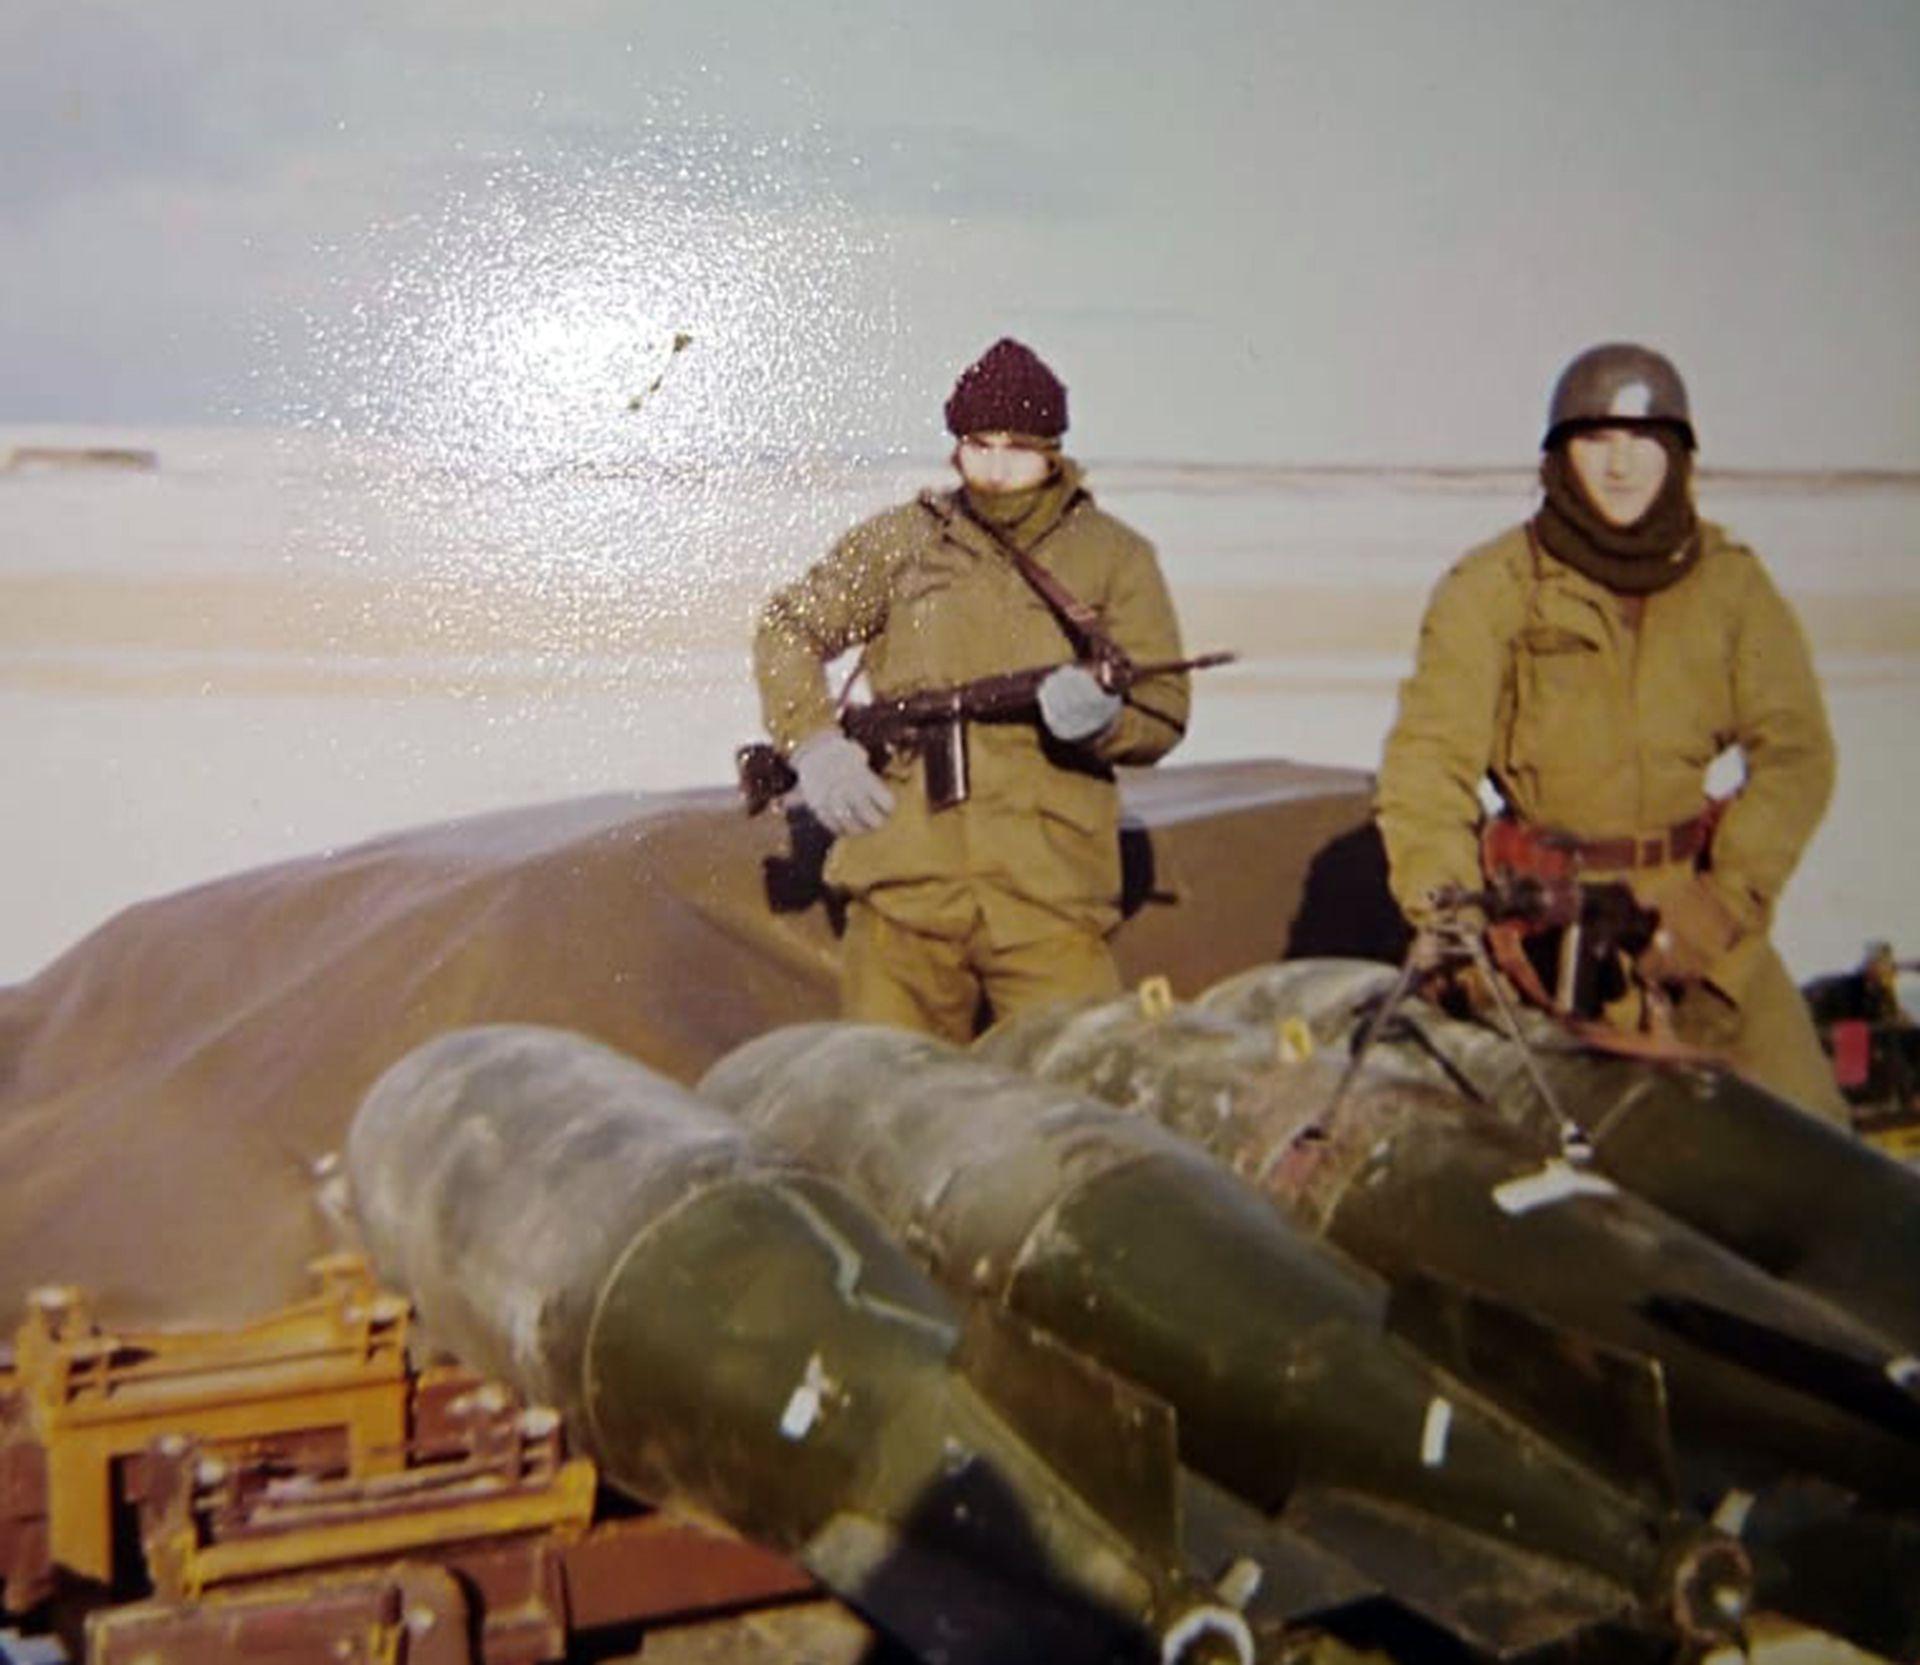 Con 19 años, el soldado llegó a la Patagonia, para hacer guardias en un aeropuerto. Durante la guerra, su madre le envió una cámara de fotos con la que pudo registrar algunos momentos